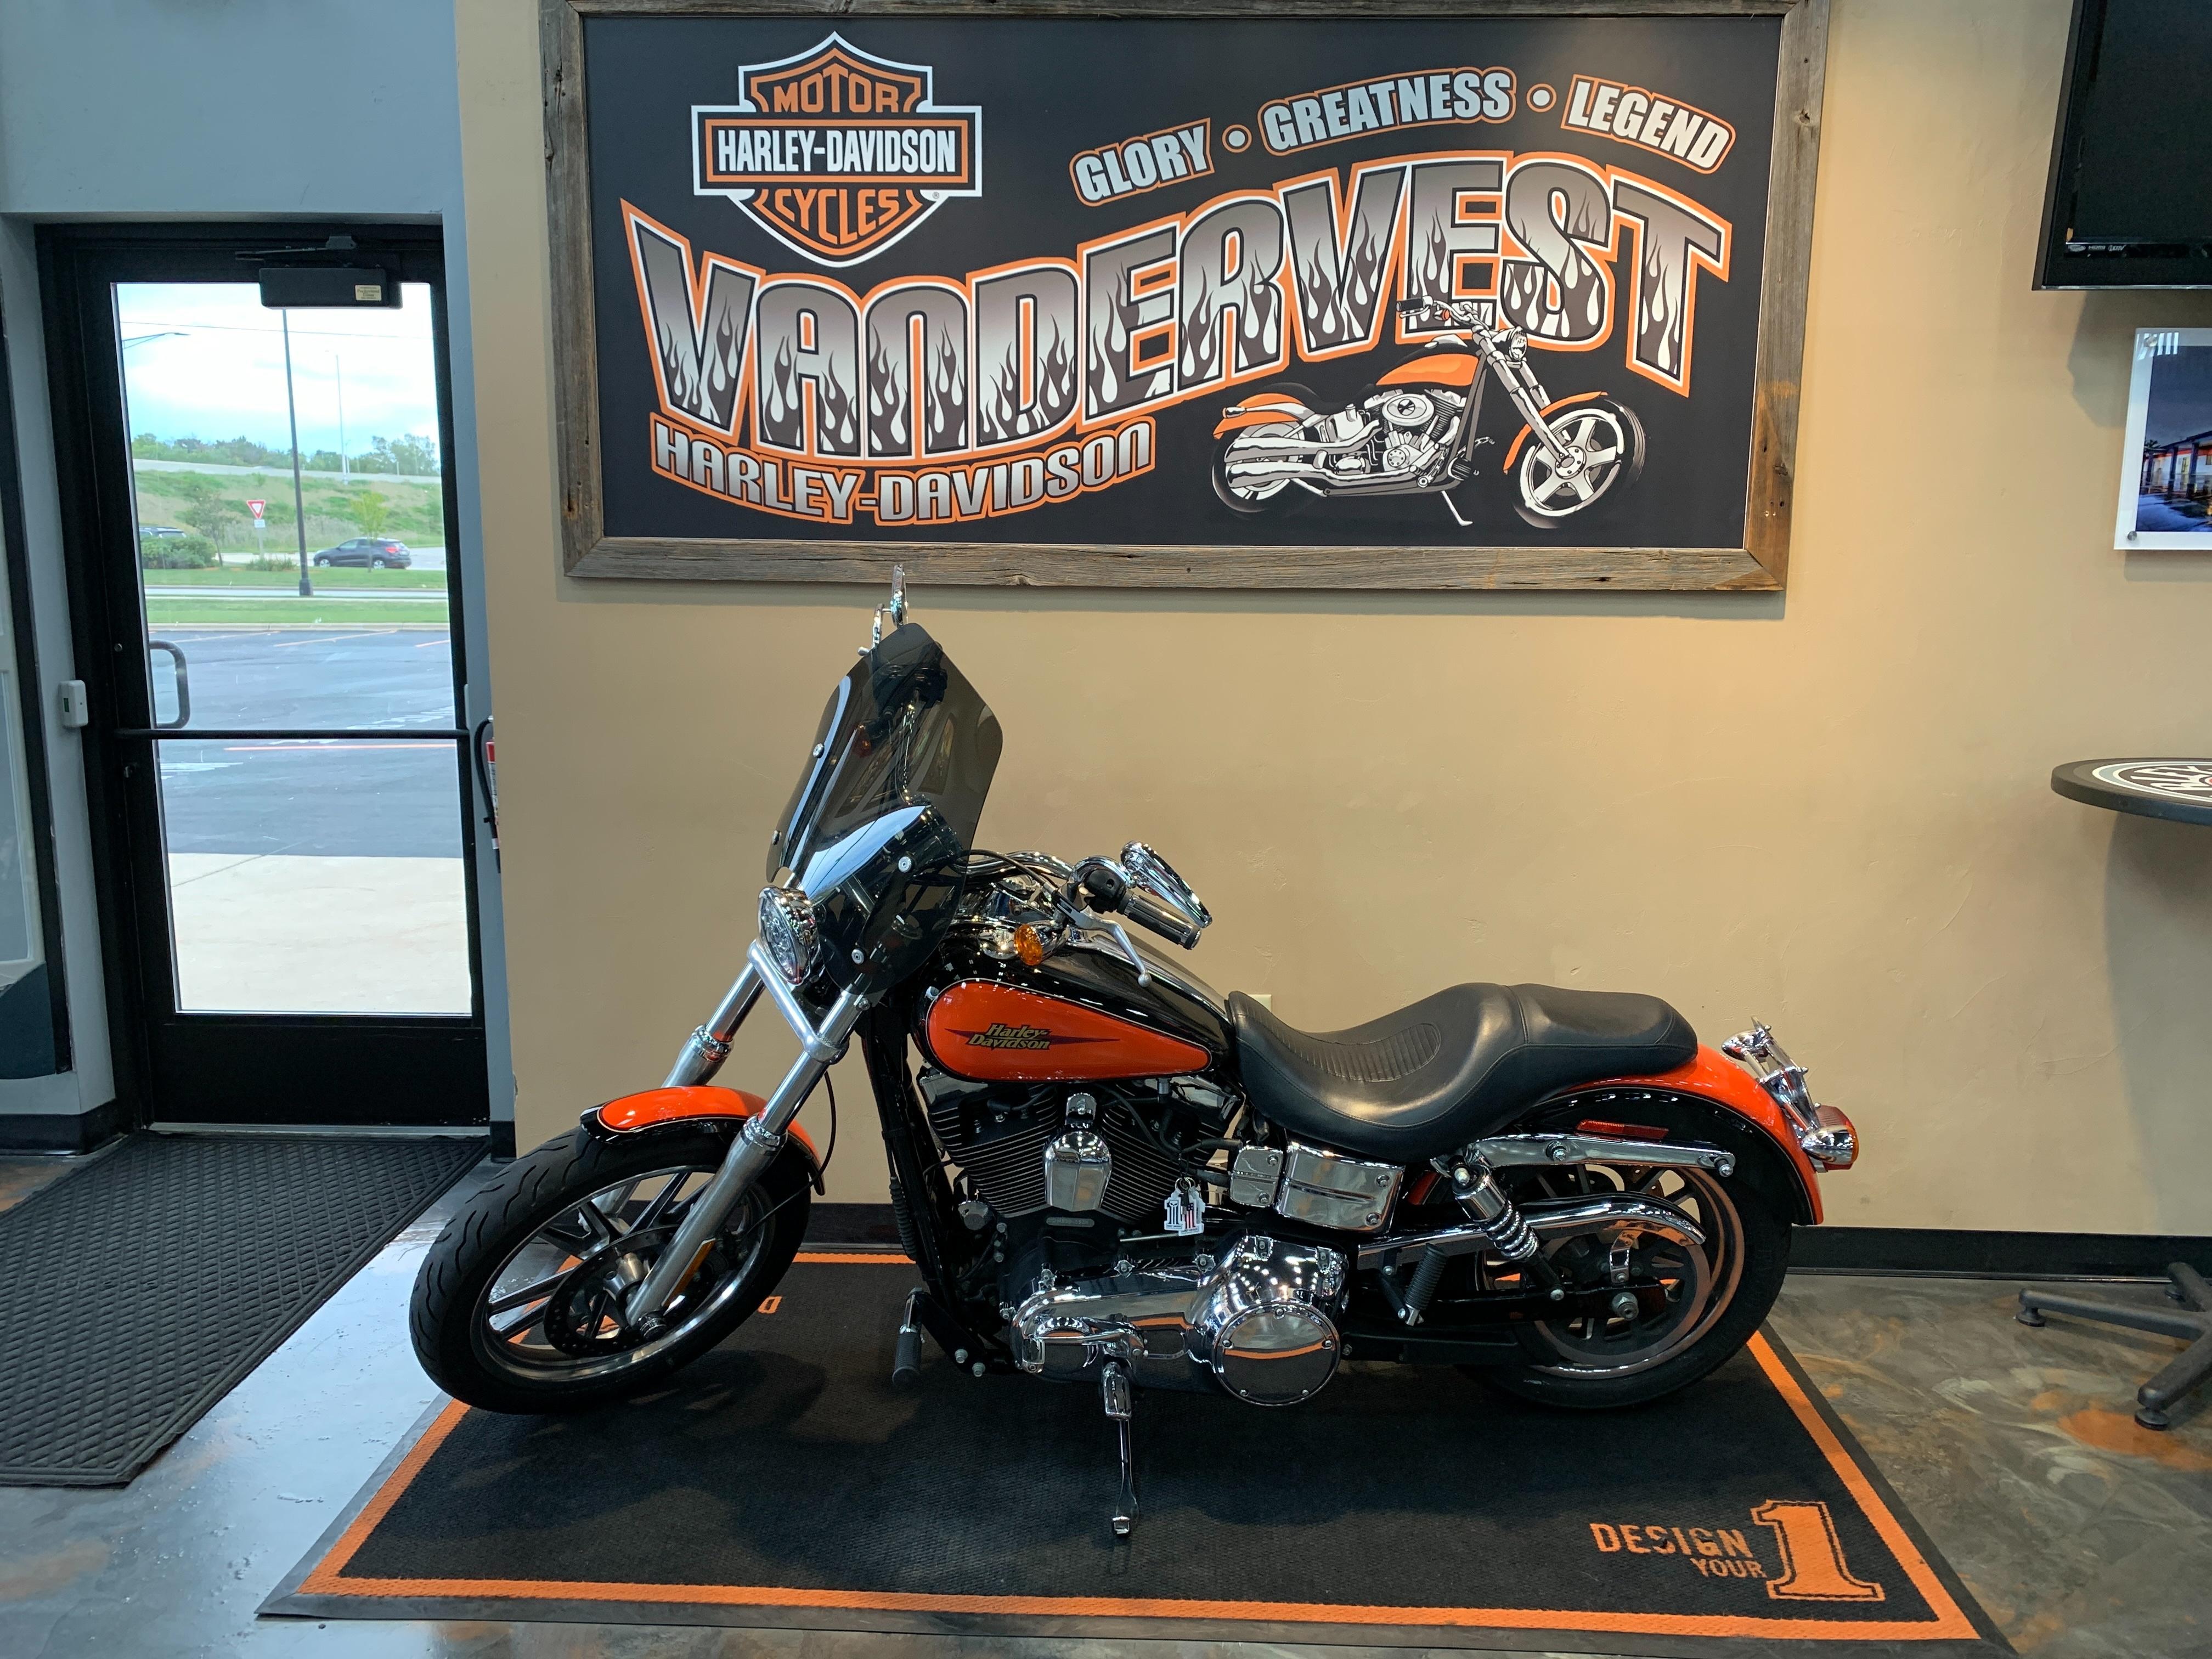 2009 Harley-Davidson Dyna Glide Low Rider at Vandervest Harley-Davidson, Green Bay, WI 54303